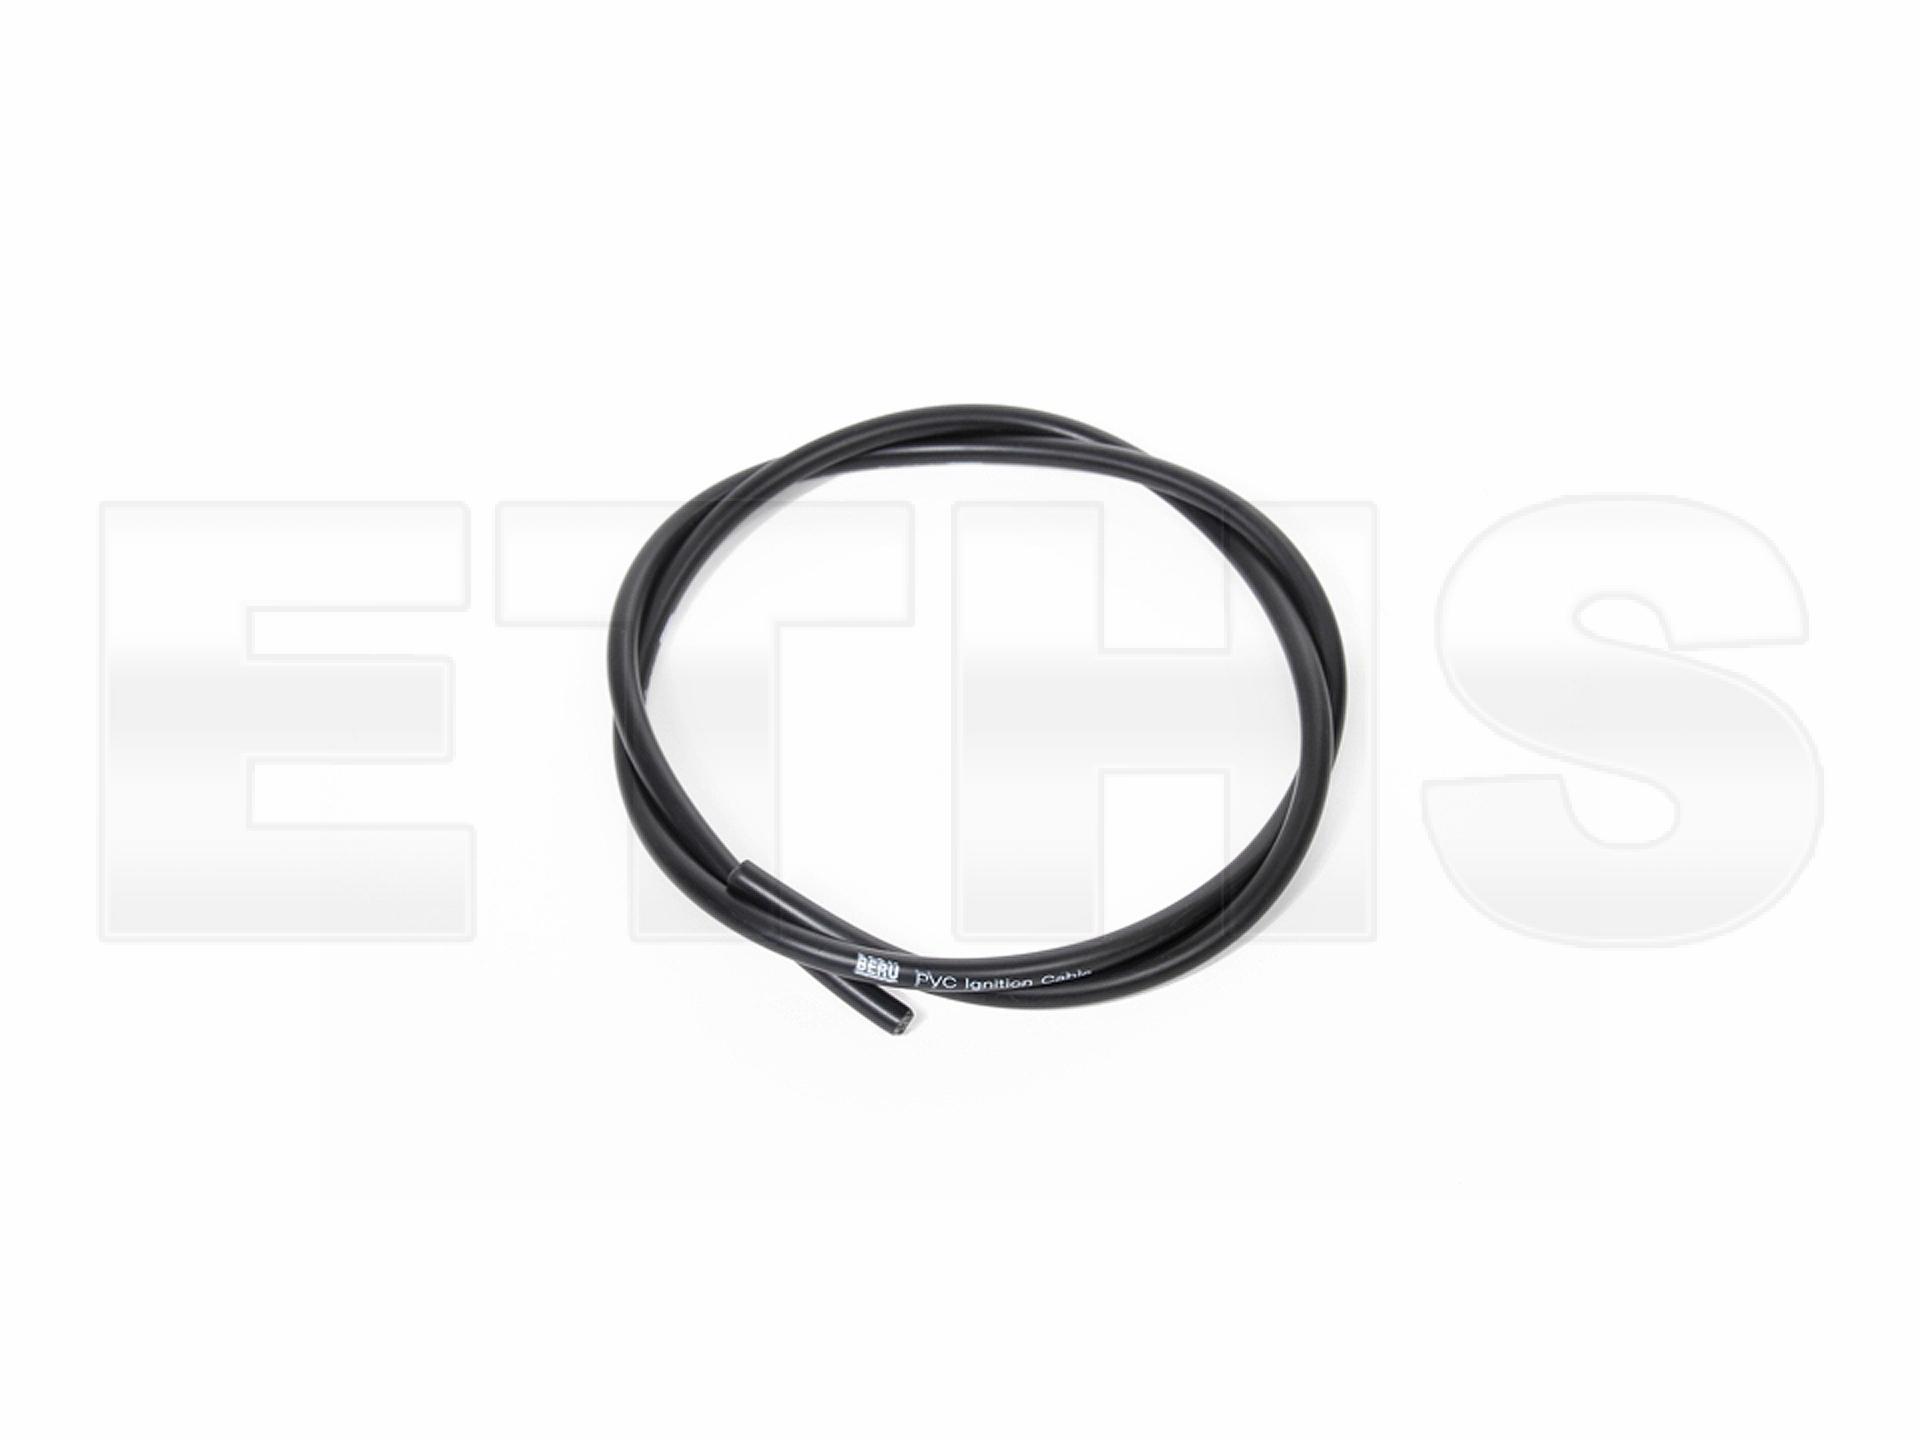 Zündkabel 1m Schwarz PVC (Top Qualität)   MZ und Simson Ersatzteile Shop